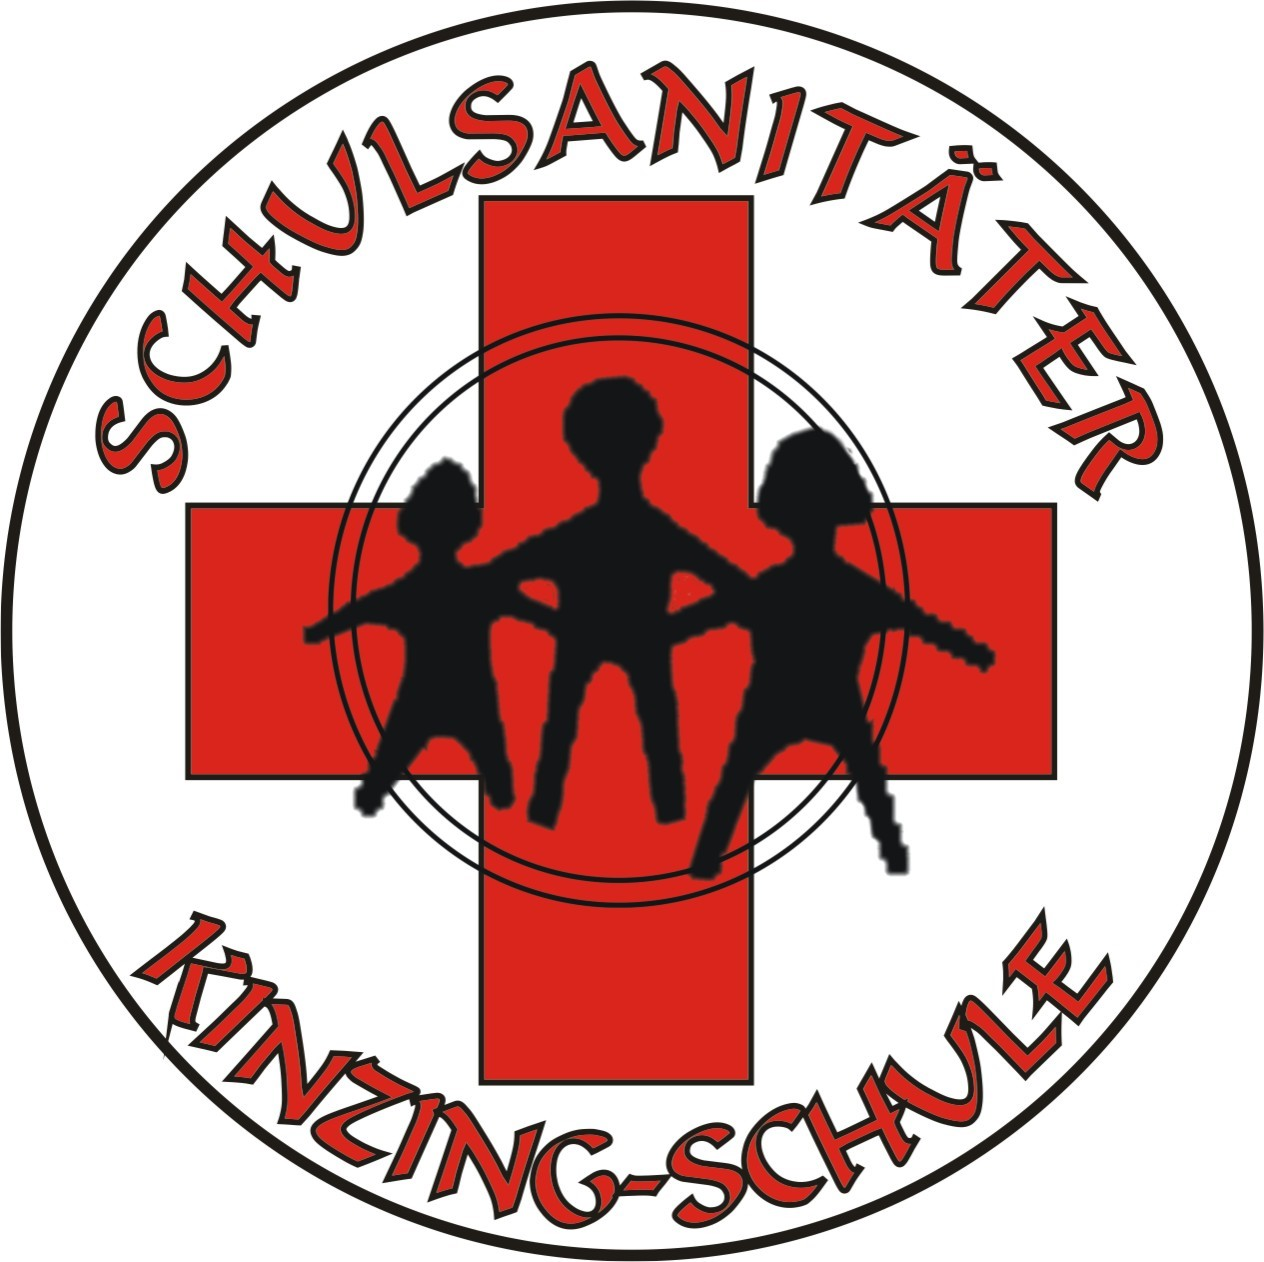 Schulsanitäter logo  Schulsanitäter - Kinzing-Schule